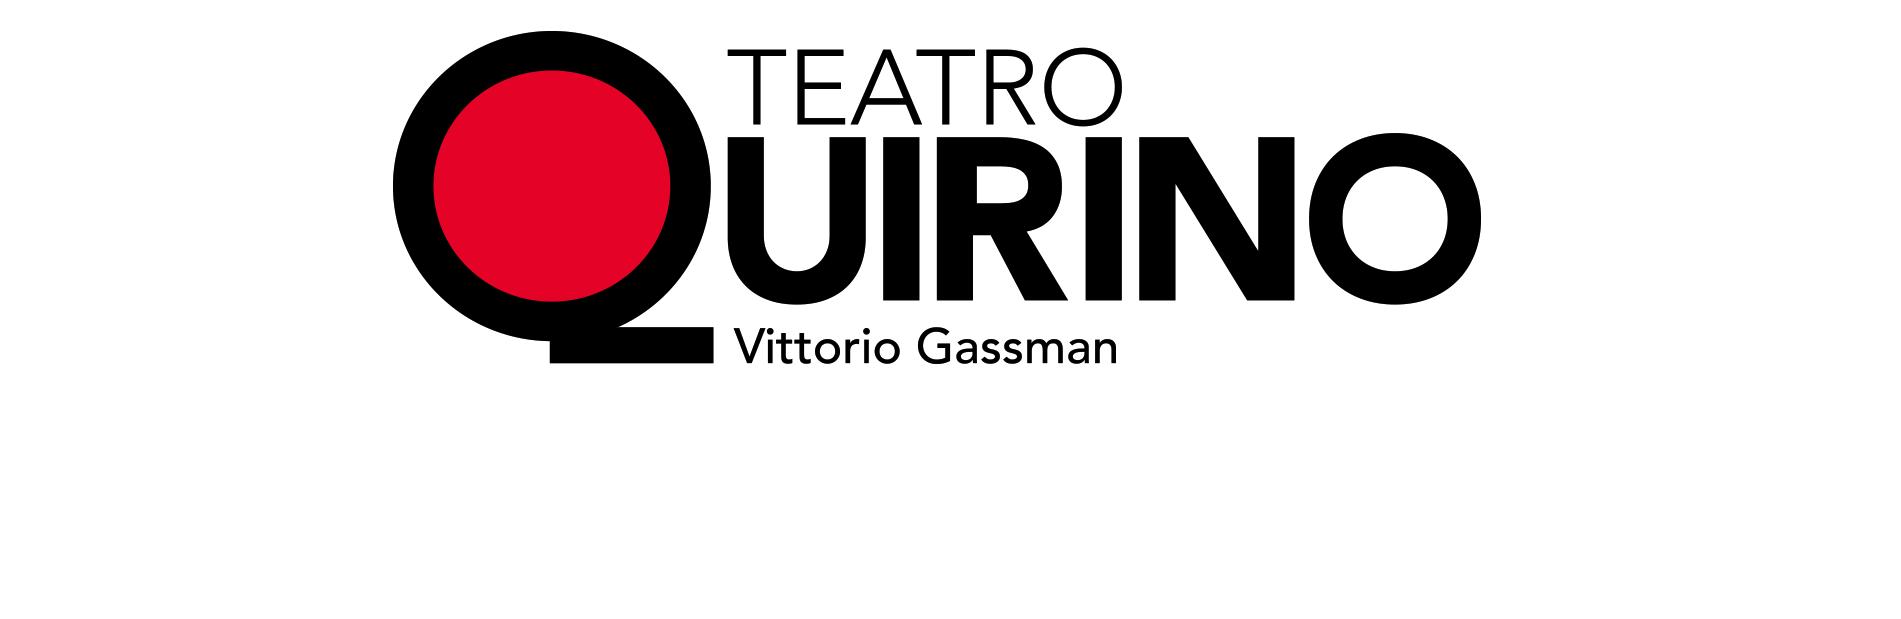 logo del teatro quirino